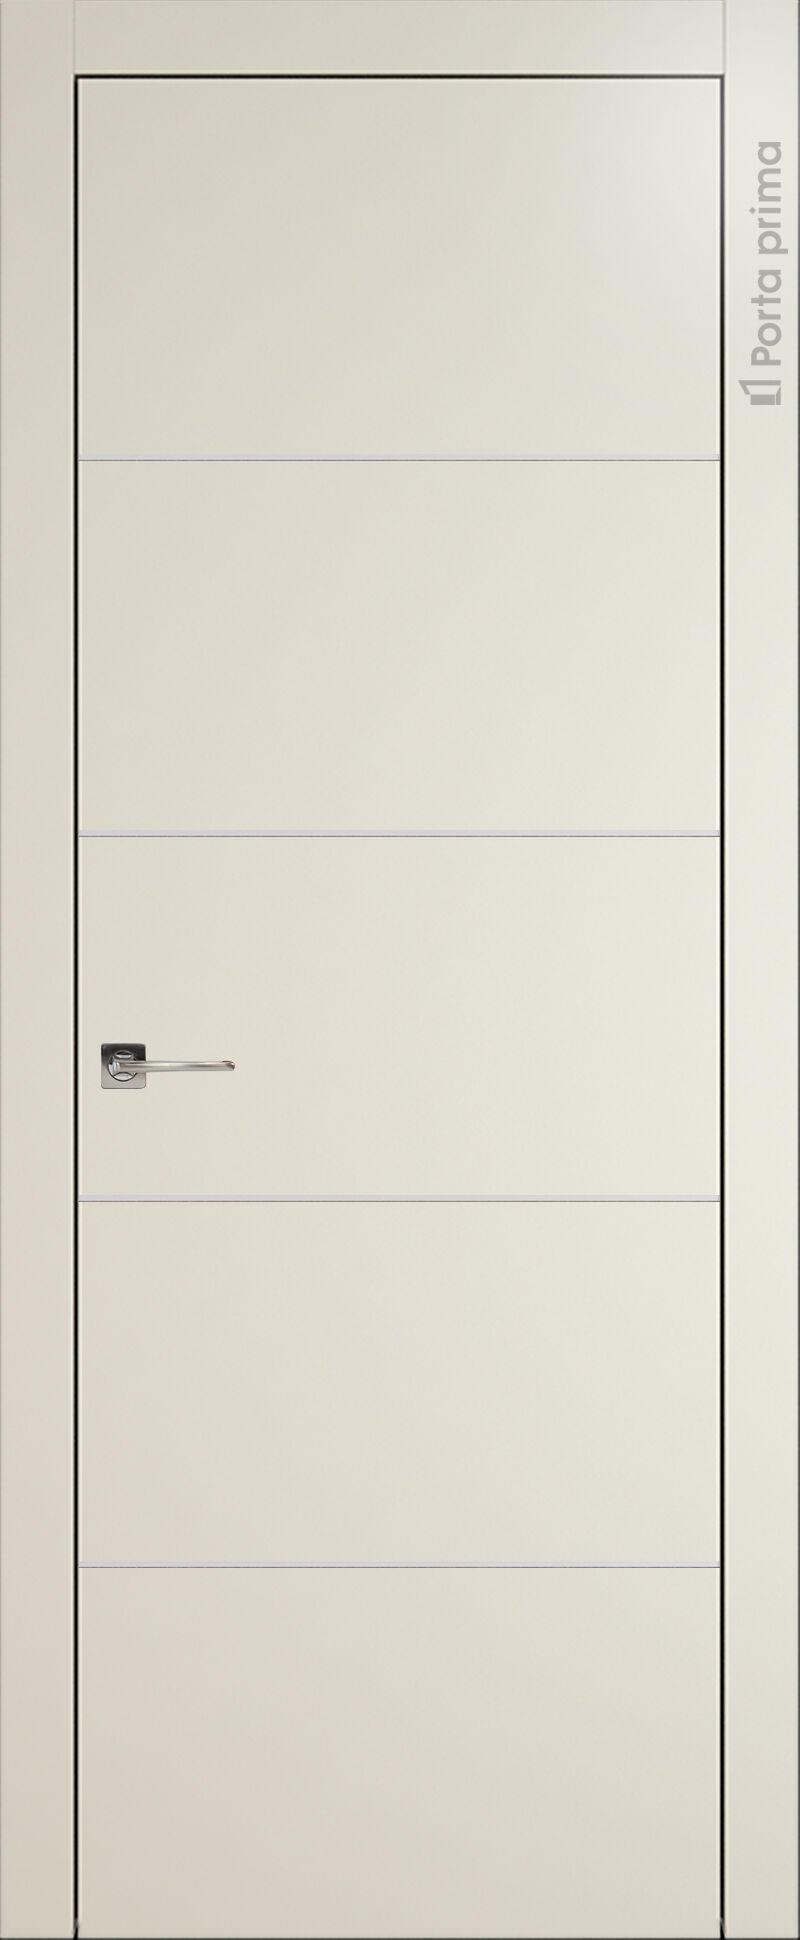 Tivoli Д-3 цвет - Жемчужная эмаль (RAL 1013) Без стекла (ДГ)